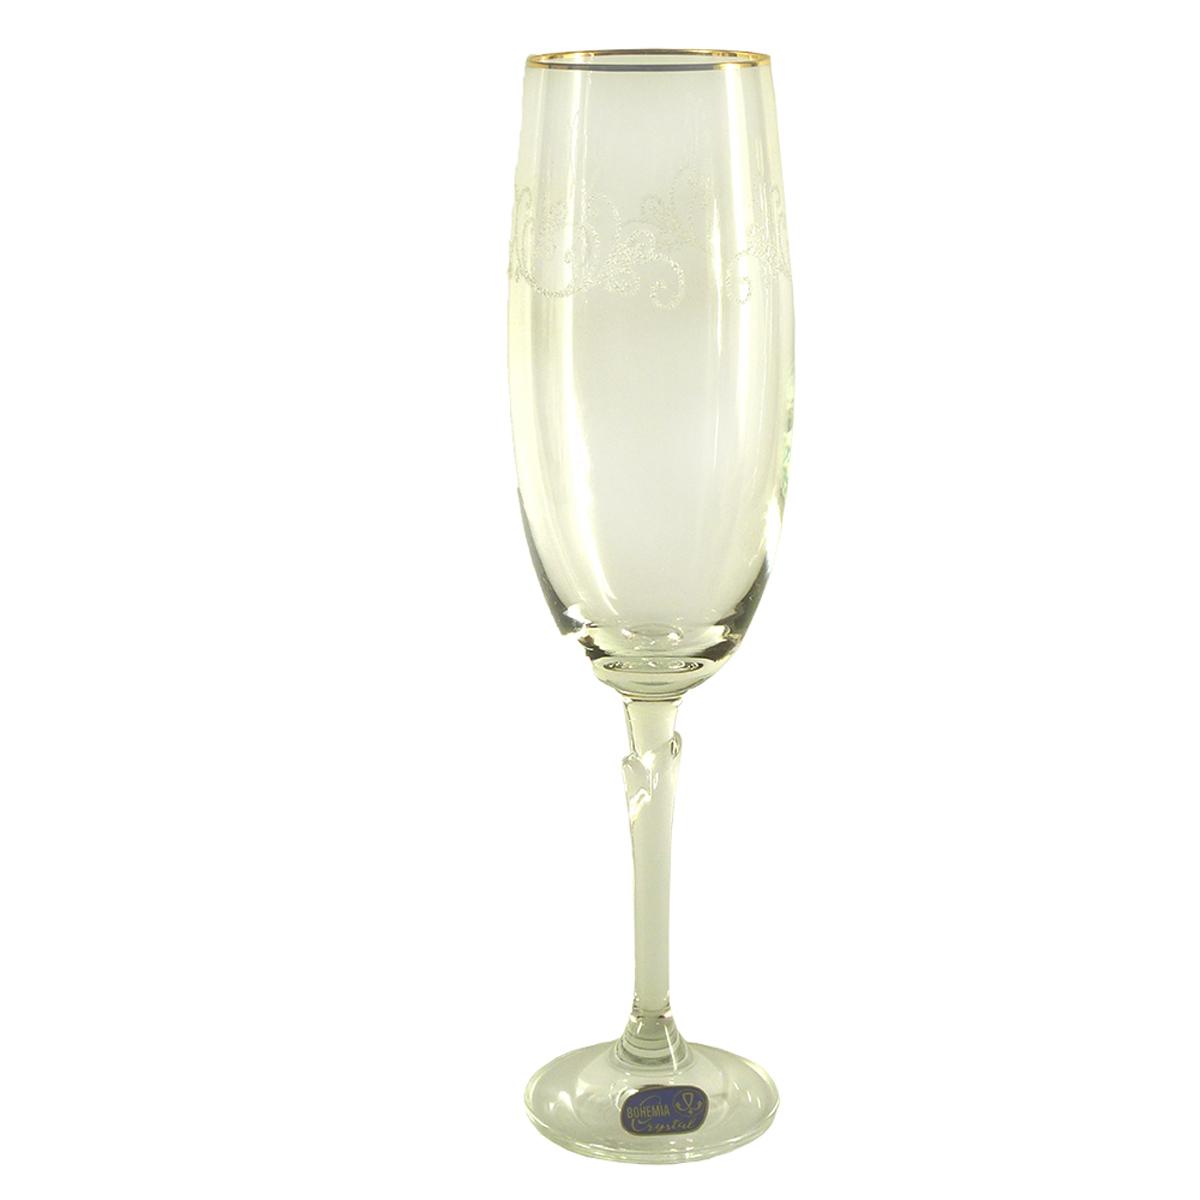 Набор бокалов для шампанского Bohemia Crystal Бриджитта, 190 мл, 6 шт. 40303/387507/19040303/387507/190Набор бокалов для шампанского Bohemia Crystal коллекции Бриджита изготовлен из хрустального высококачественного богемского стекла, славящегося своим высоким качеством. Бокалы декорированы золотой отводкой и узором Кружева и выполнены на ножке с дизайном в виде стебля растения. Коллекция Бриджита - это изысканный дизайн для особенной сервировки стола. Объем бокала 190 мл. Количество в упаковке 6 шт.